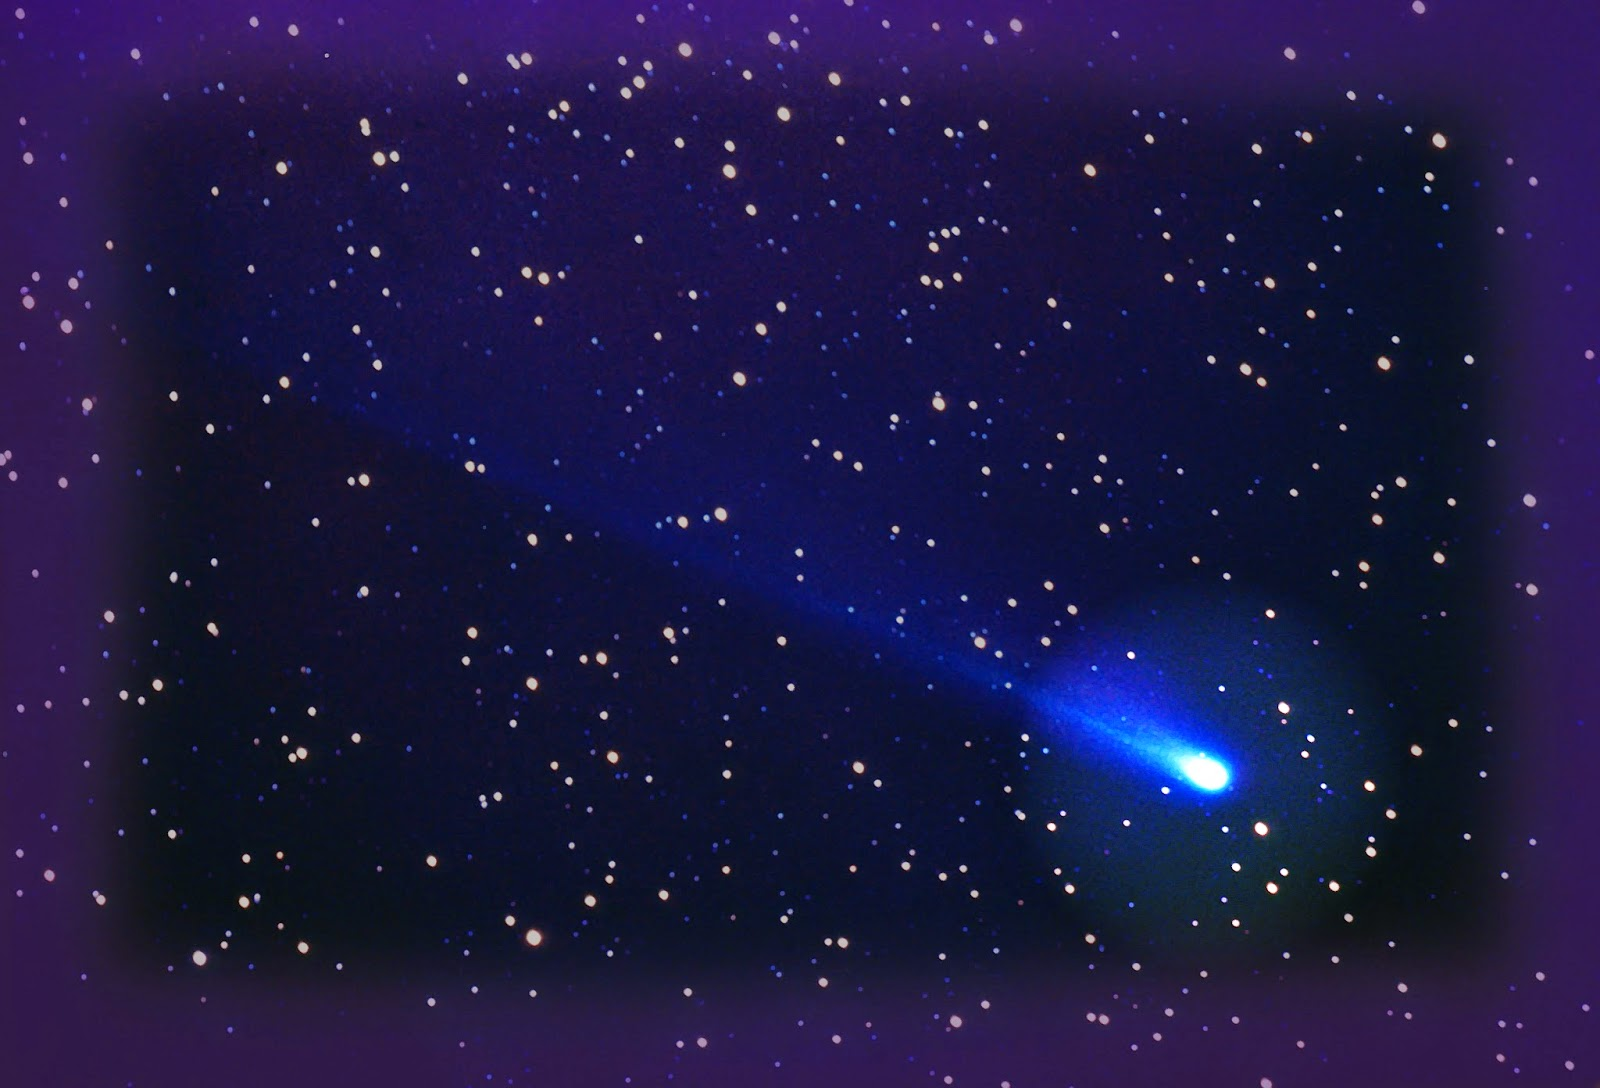 Filias home microrec la estrella fugaz for Estrella fugaz navidad